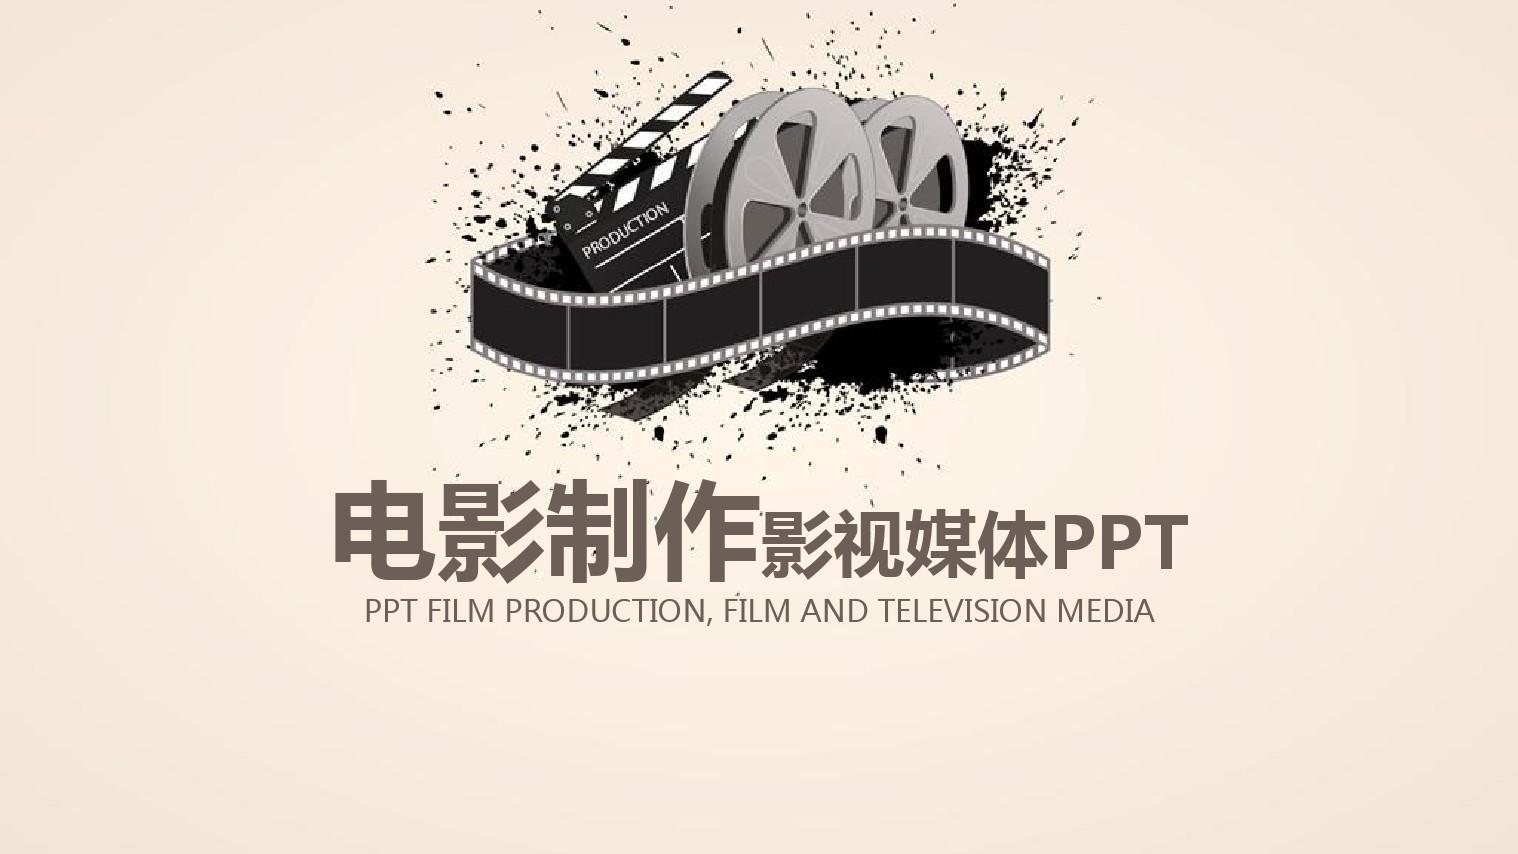 创意传媒期待电影电影模版ppt影视2016胶片复古排行榜图片